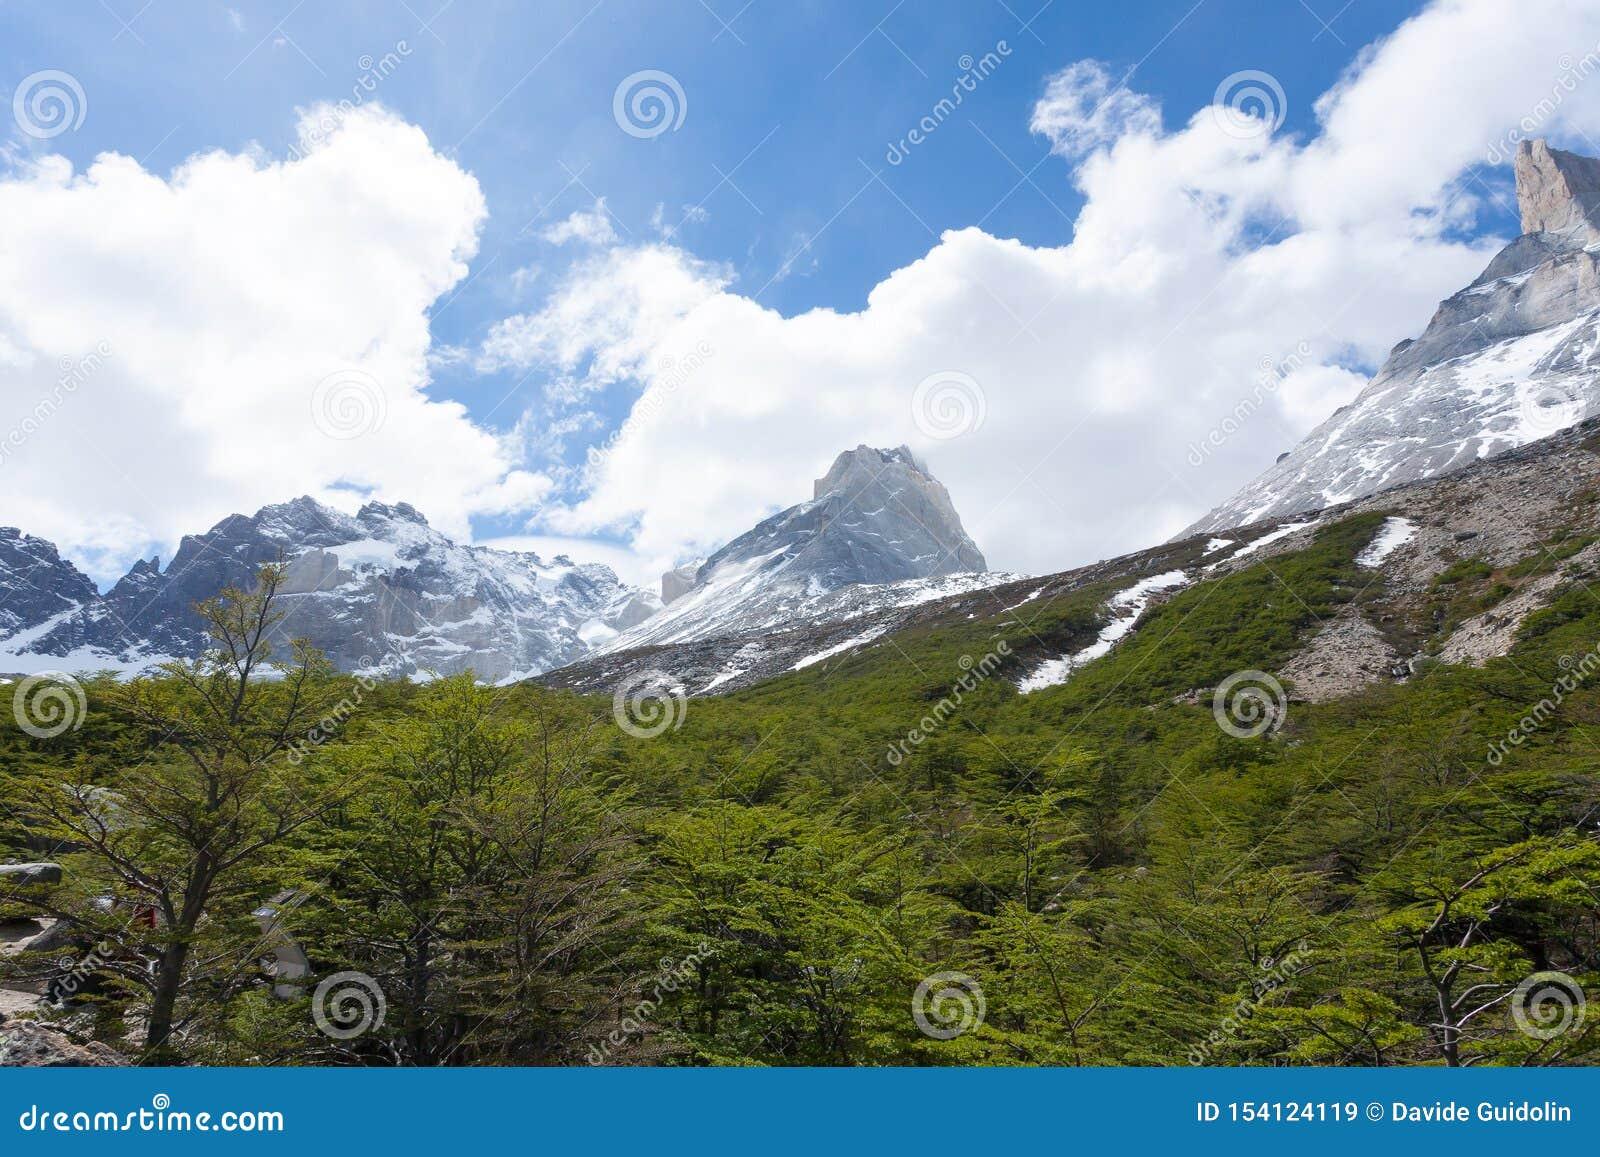 Paysage fran?ais de vall?e, Torres del Paine, Chili